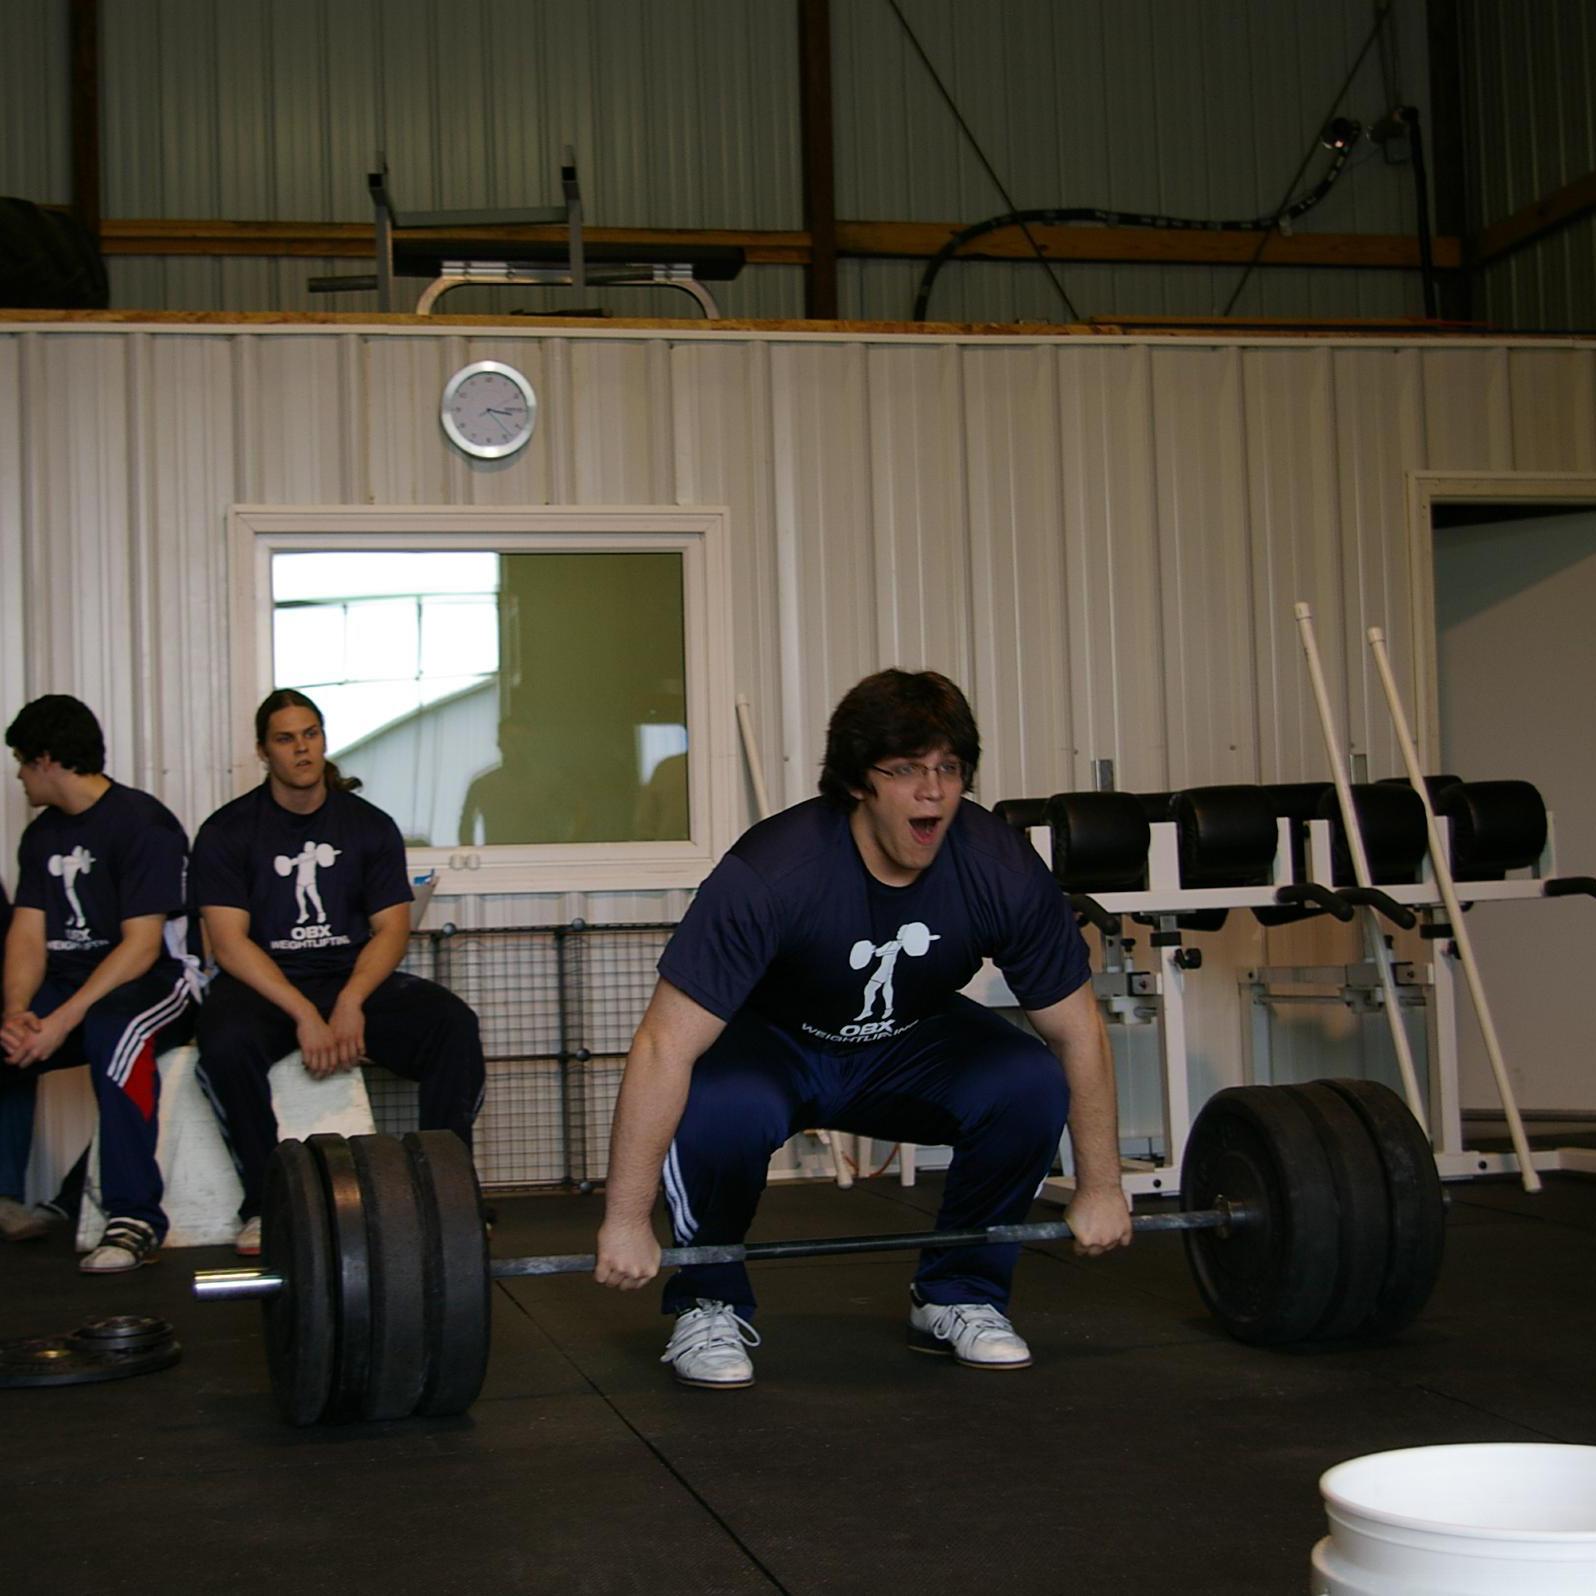 Chris Wilkes Olympic Weightlifting Seminar